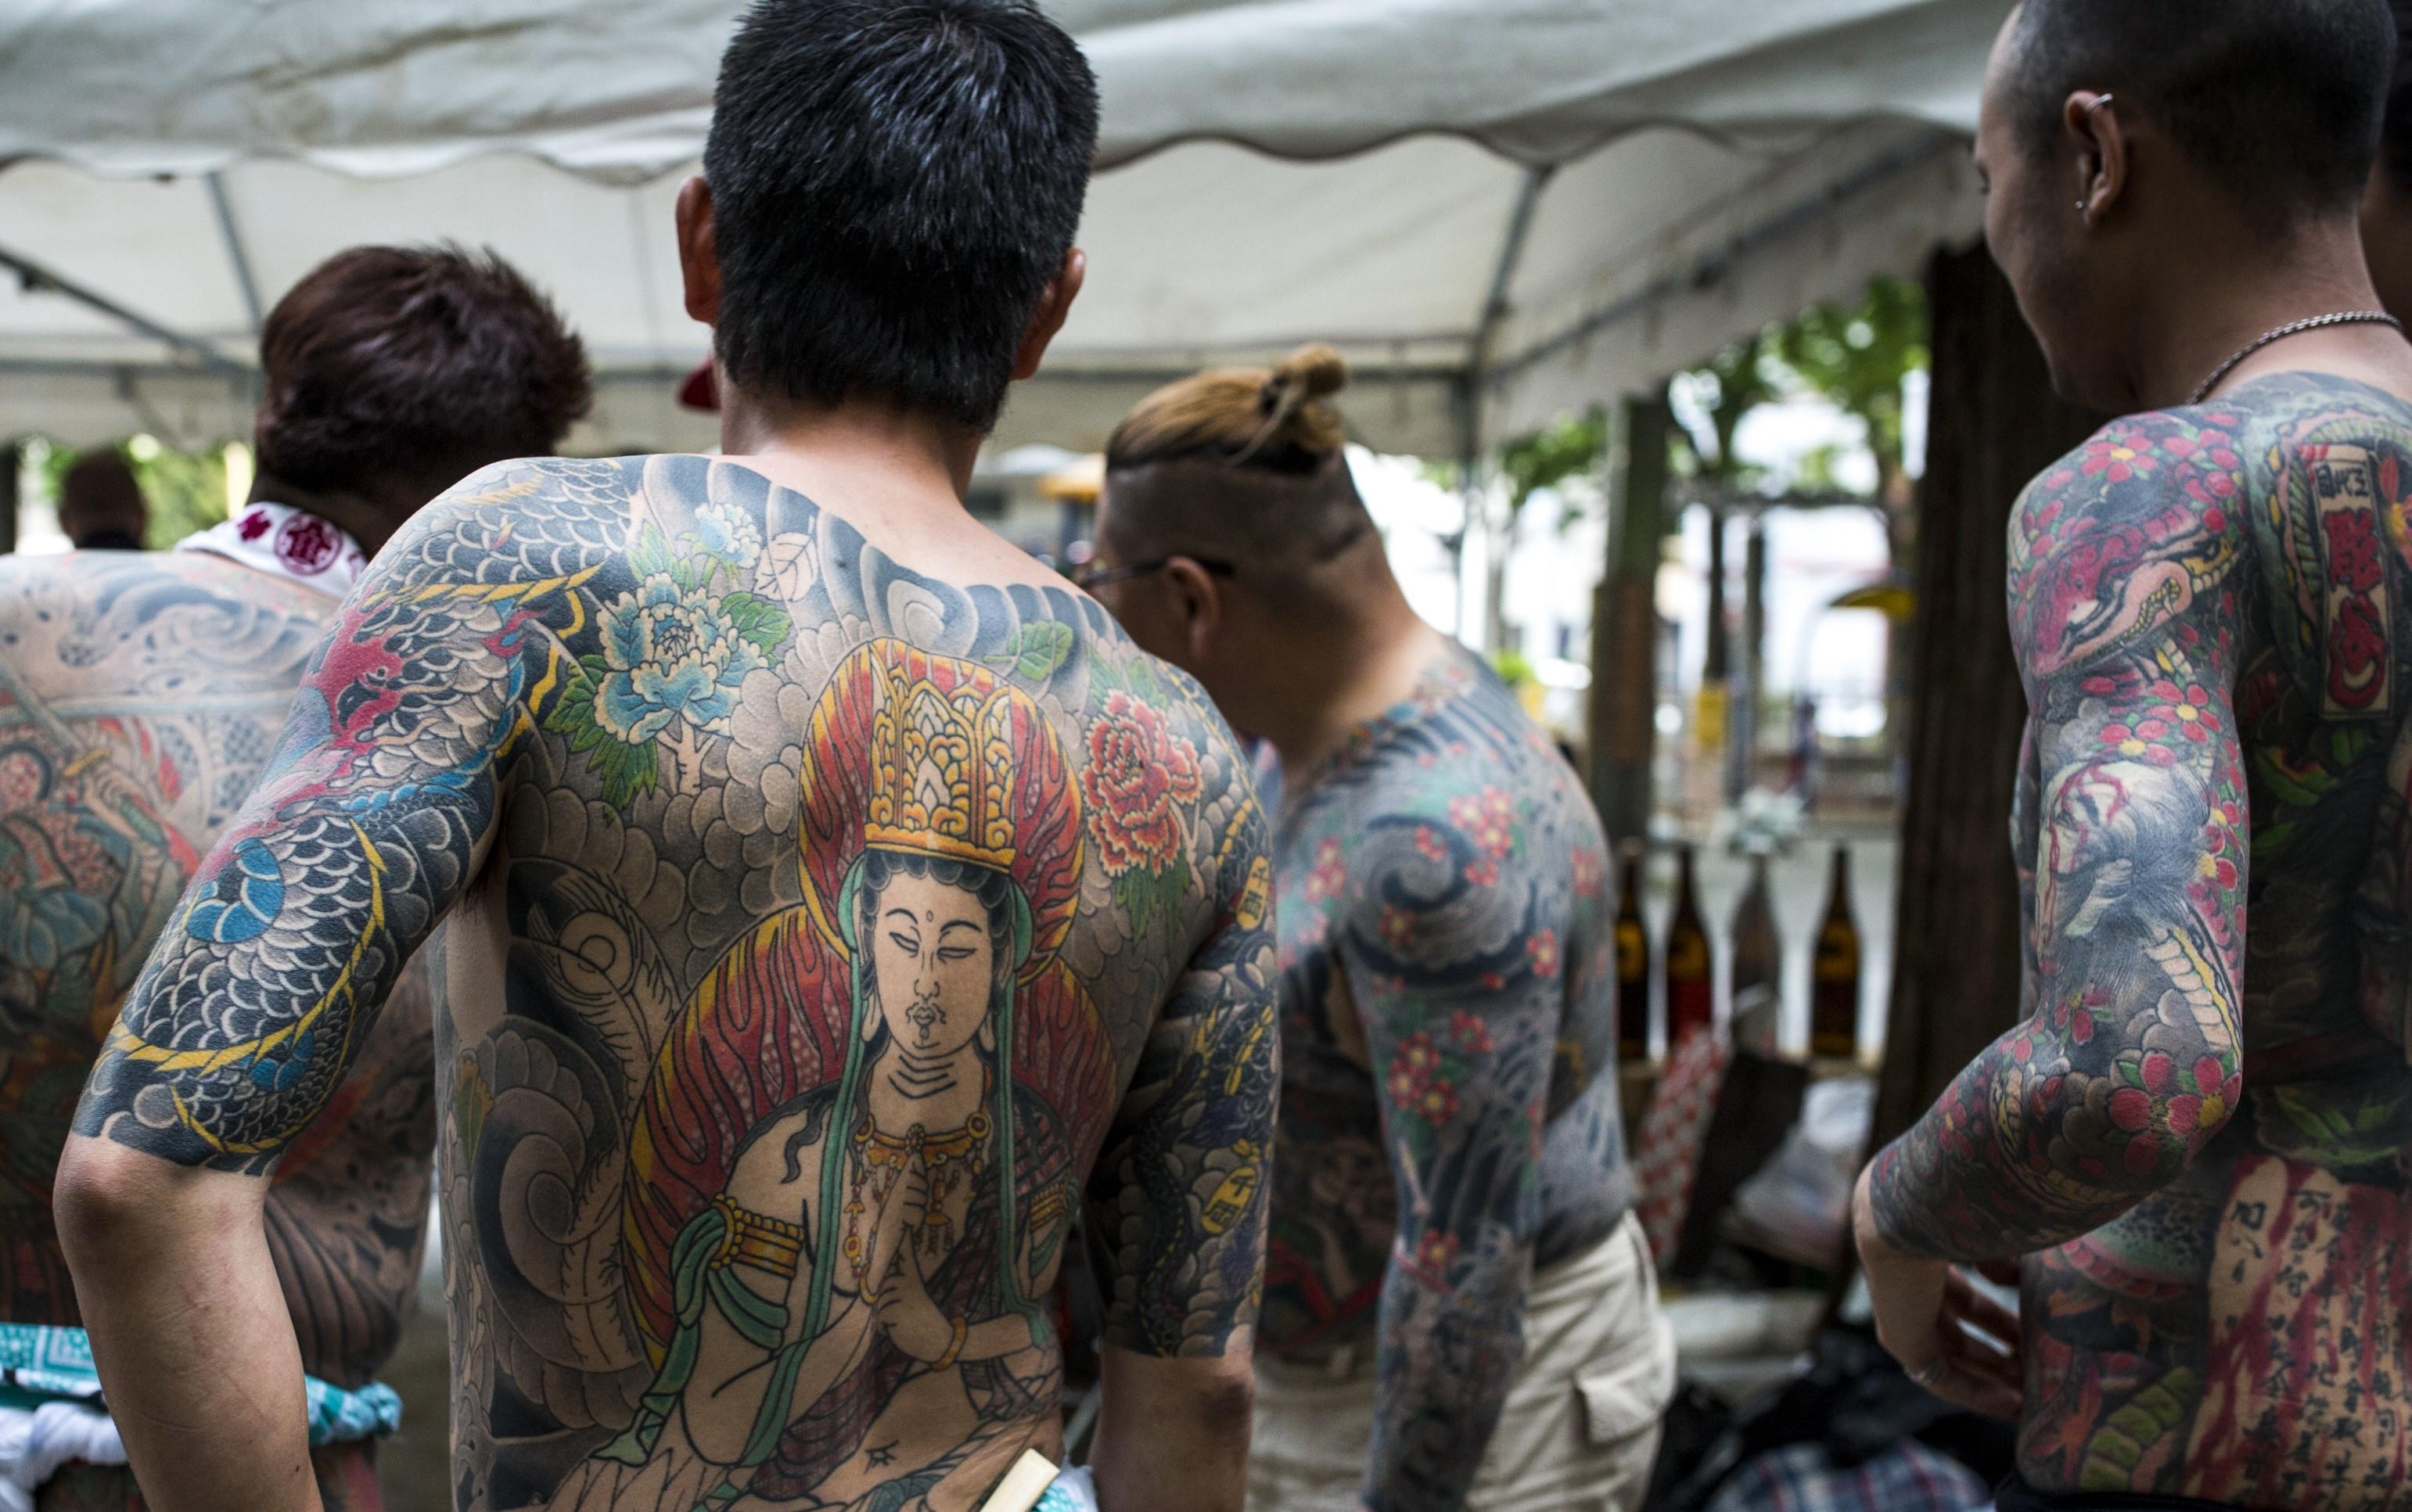 Sanja Matsuri El Festival En El Que La Mafia Japonesa Exhibe Su Poder